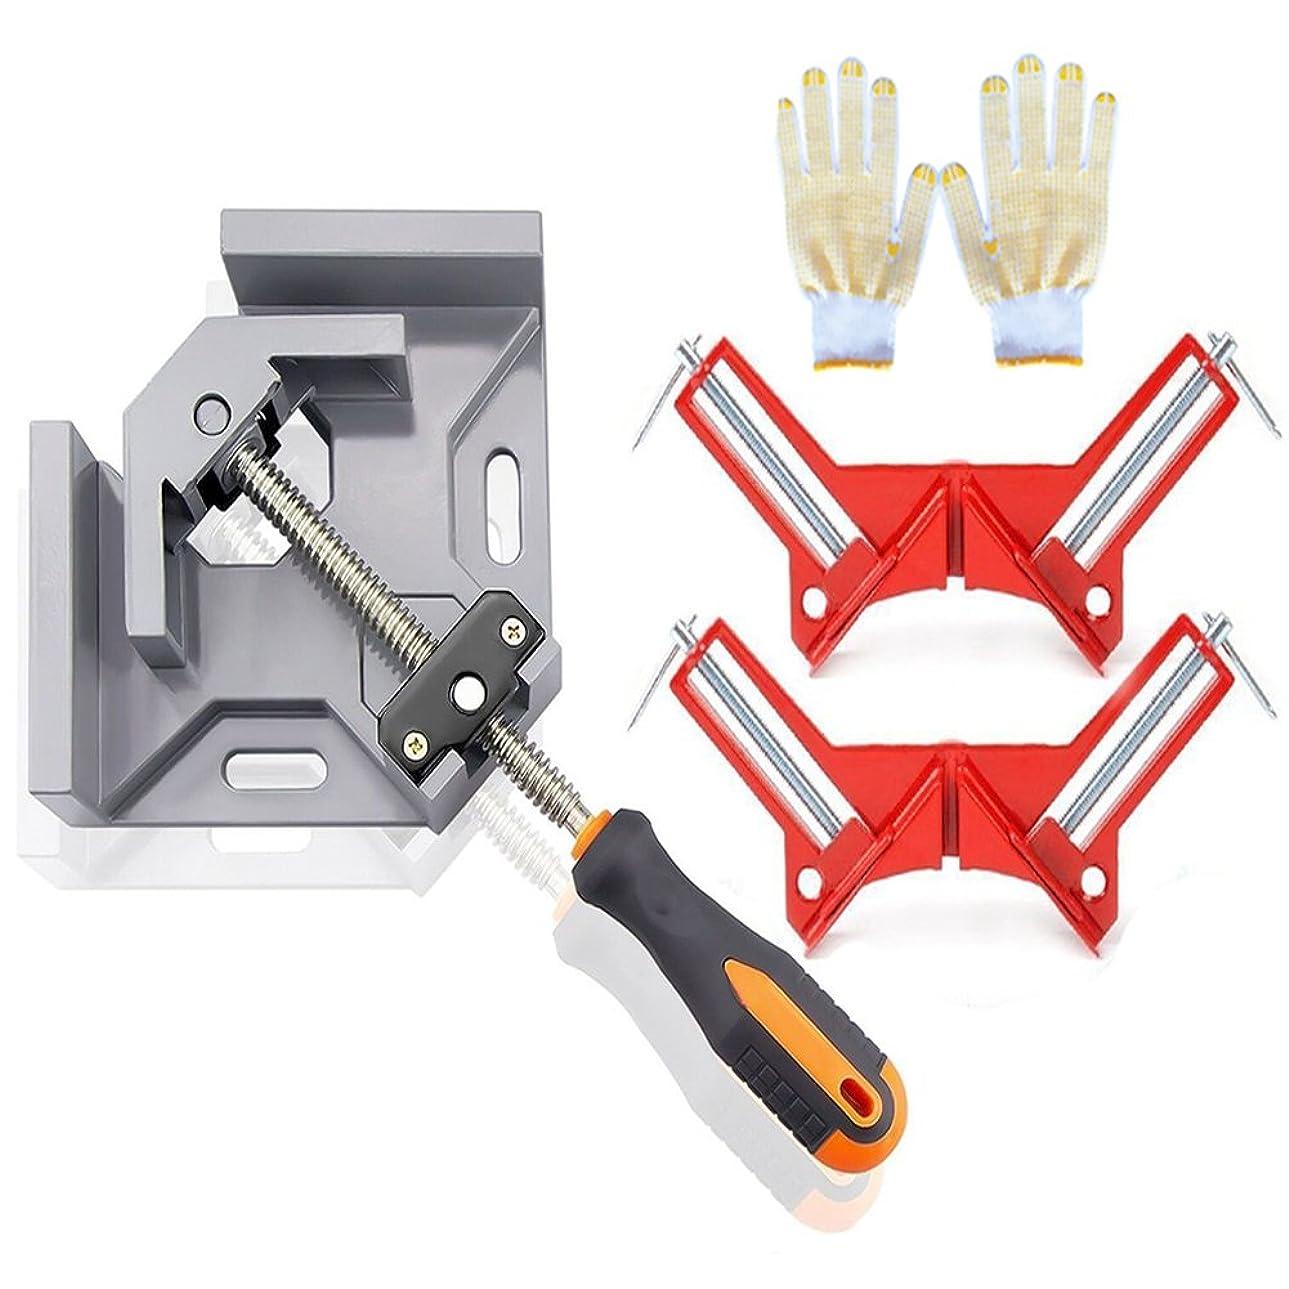 コーナークランプ 90度 木工用 溶接 固定板幅 調整可能 木工定規 Giagy 直角定規 DIY 工具 クランプ 3個 セット(作業手袋付き)